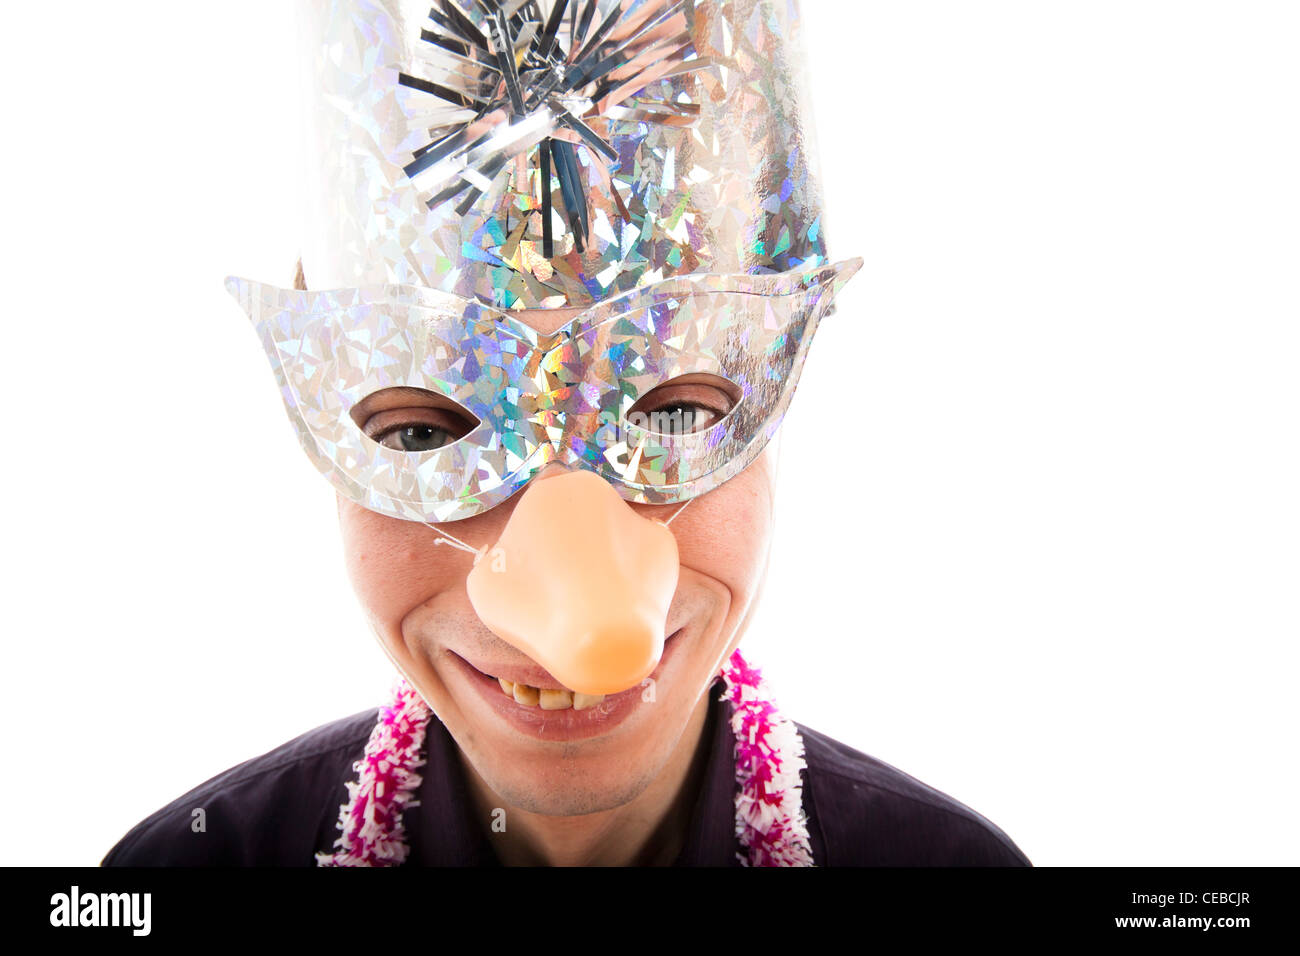 Lustige hässlicher Mann mit Partei Maske lächelnd, isolierten auf ...